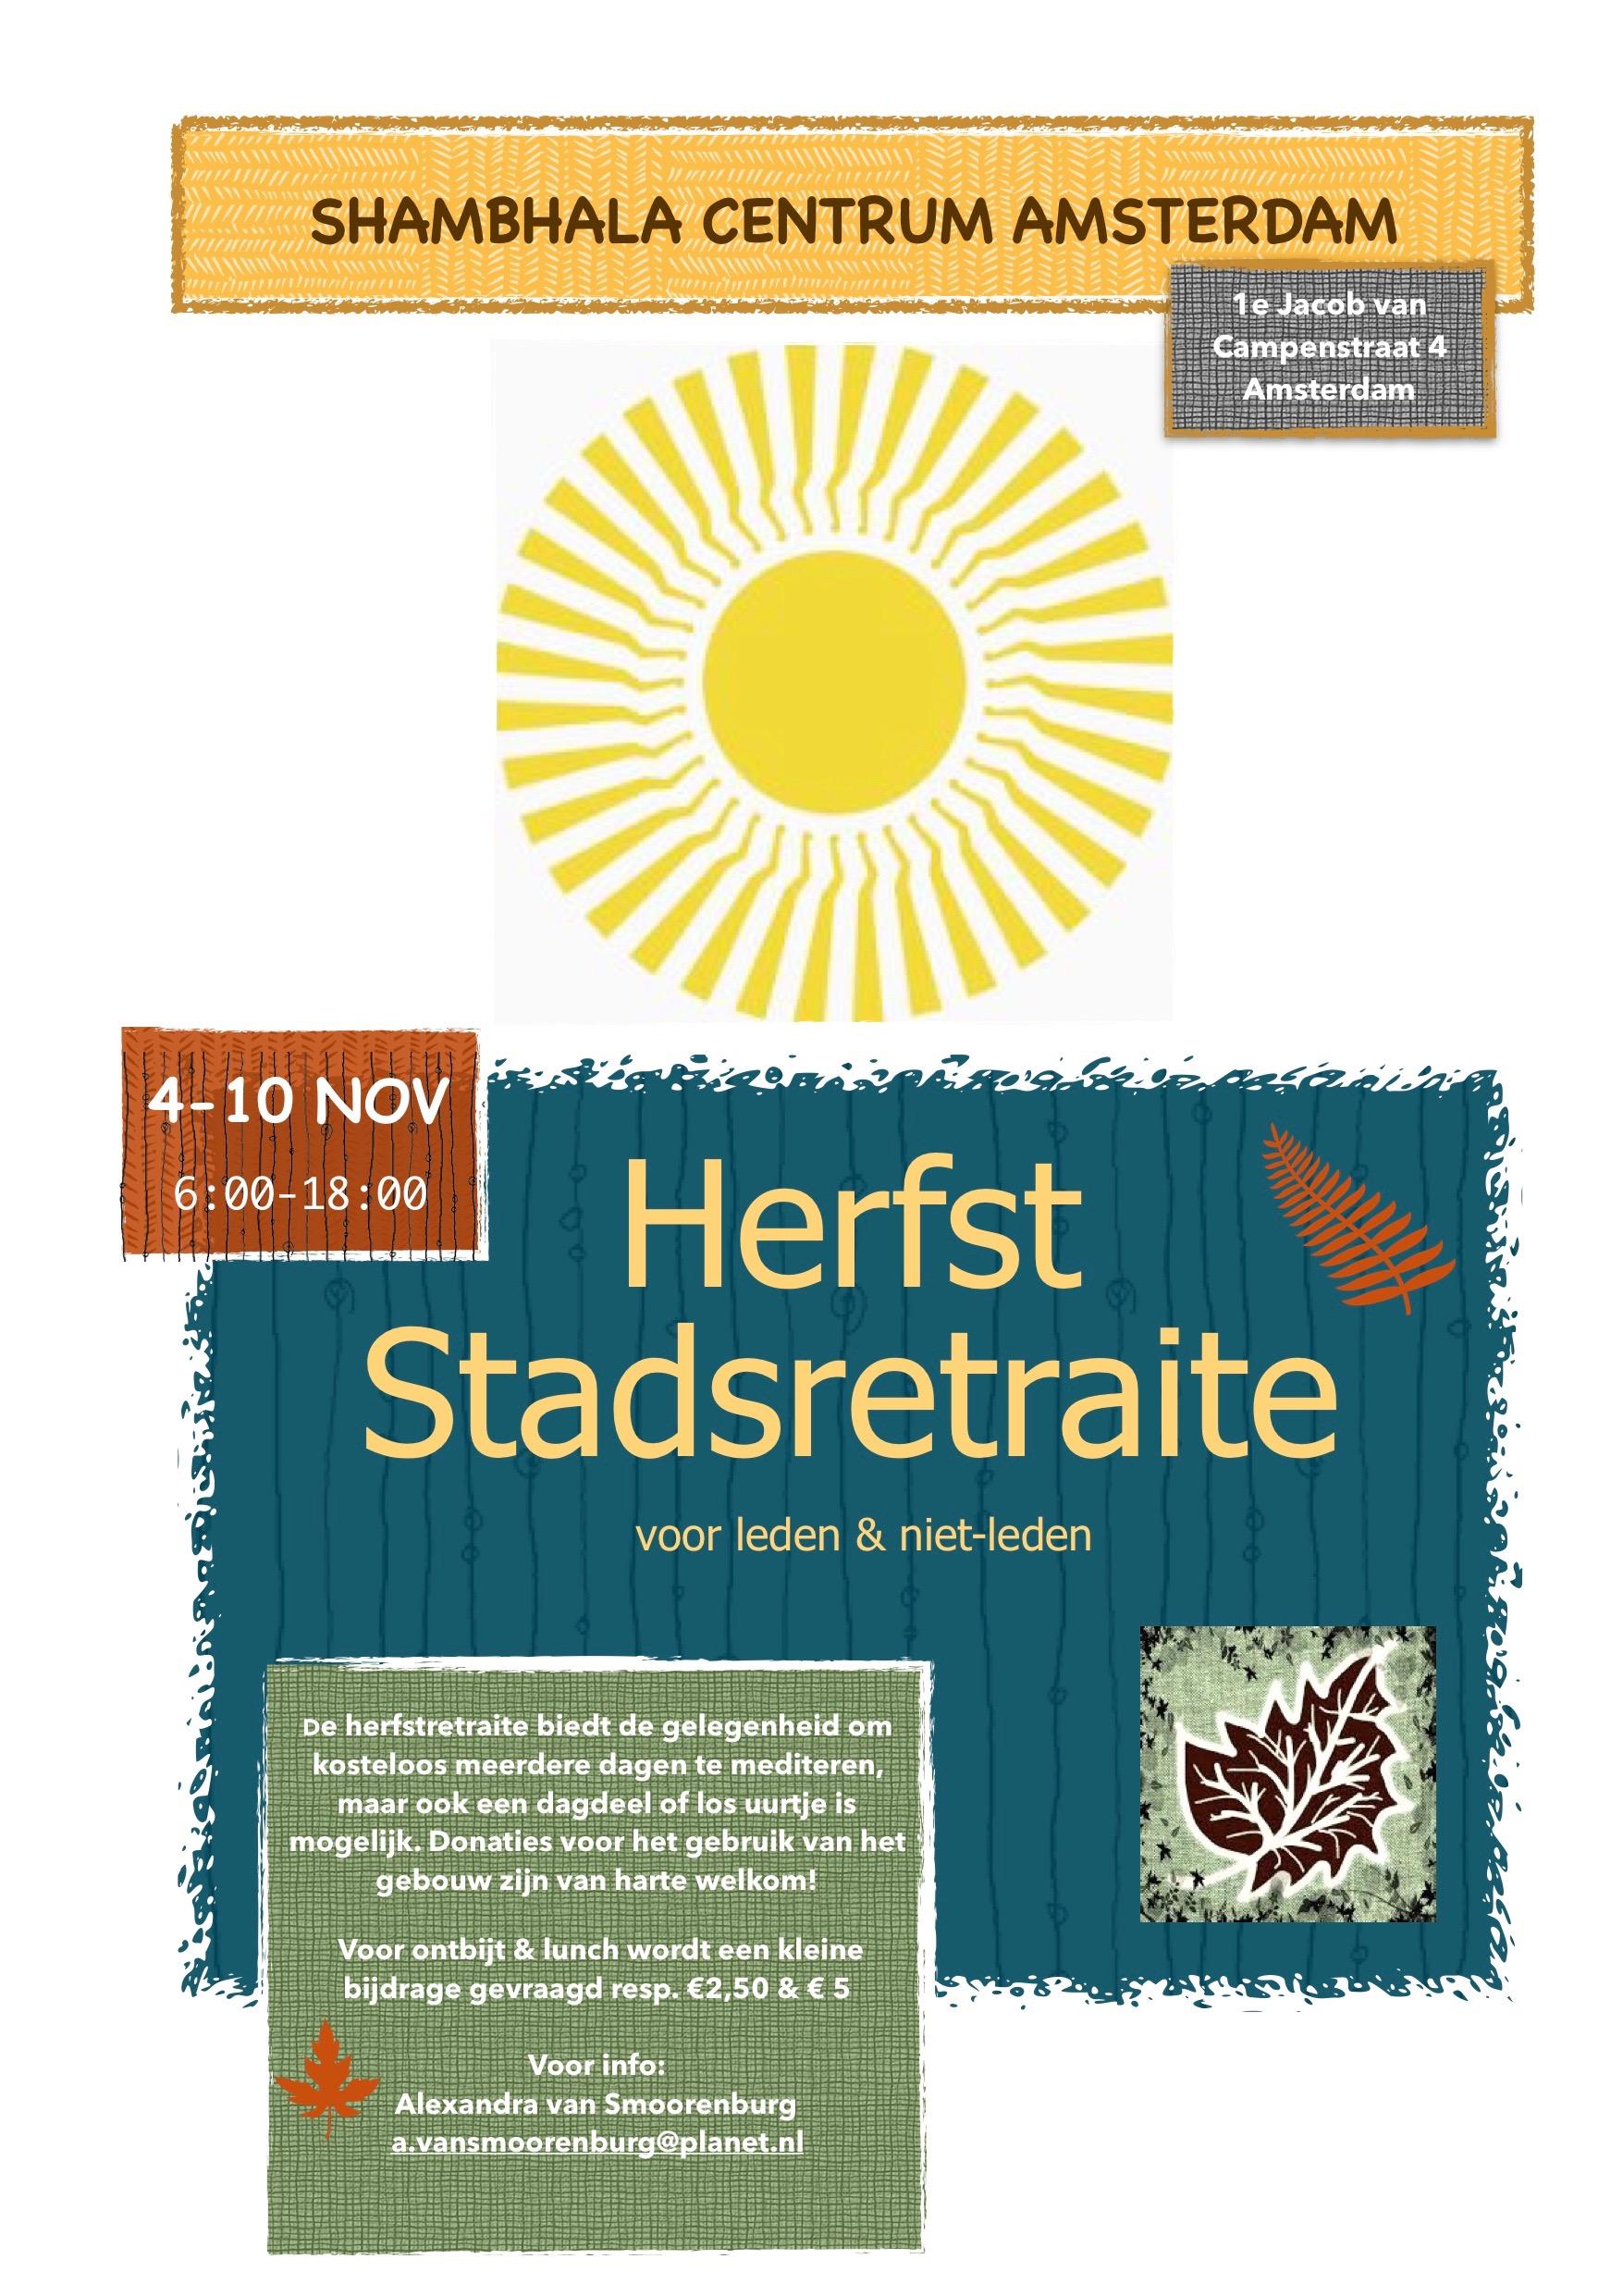 Amsterdam/Herfstretraite_PDF.jpg